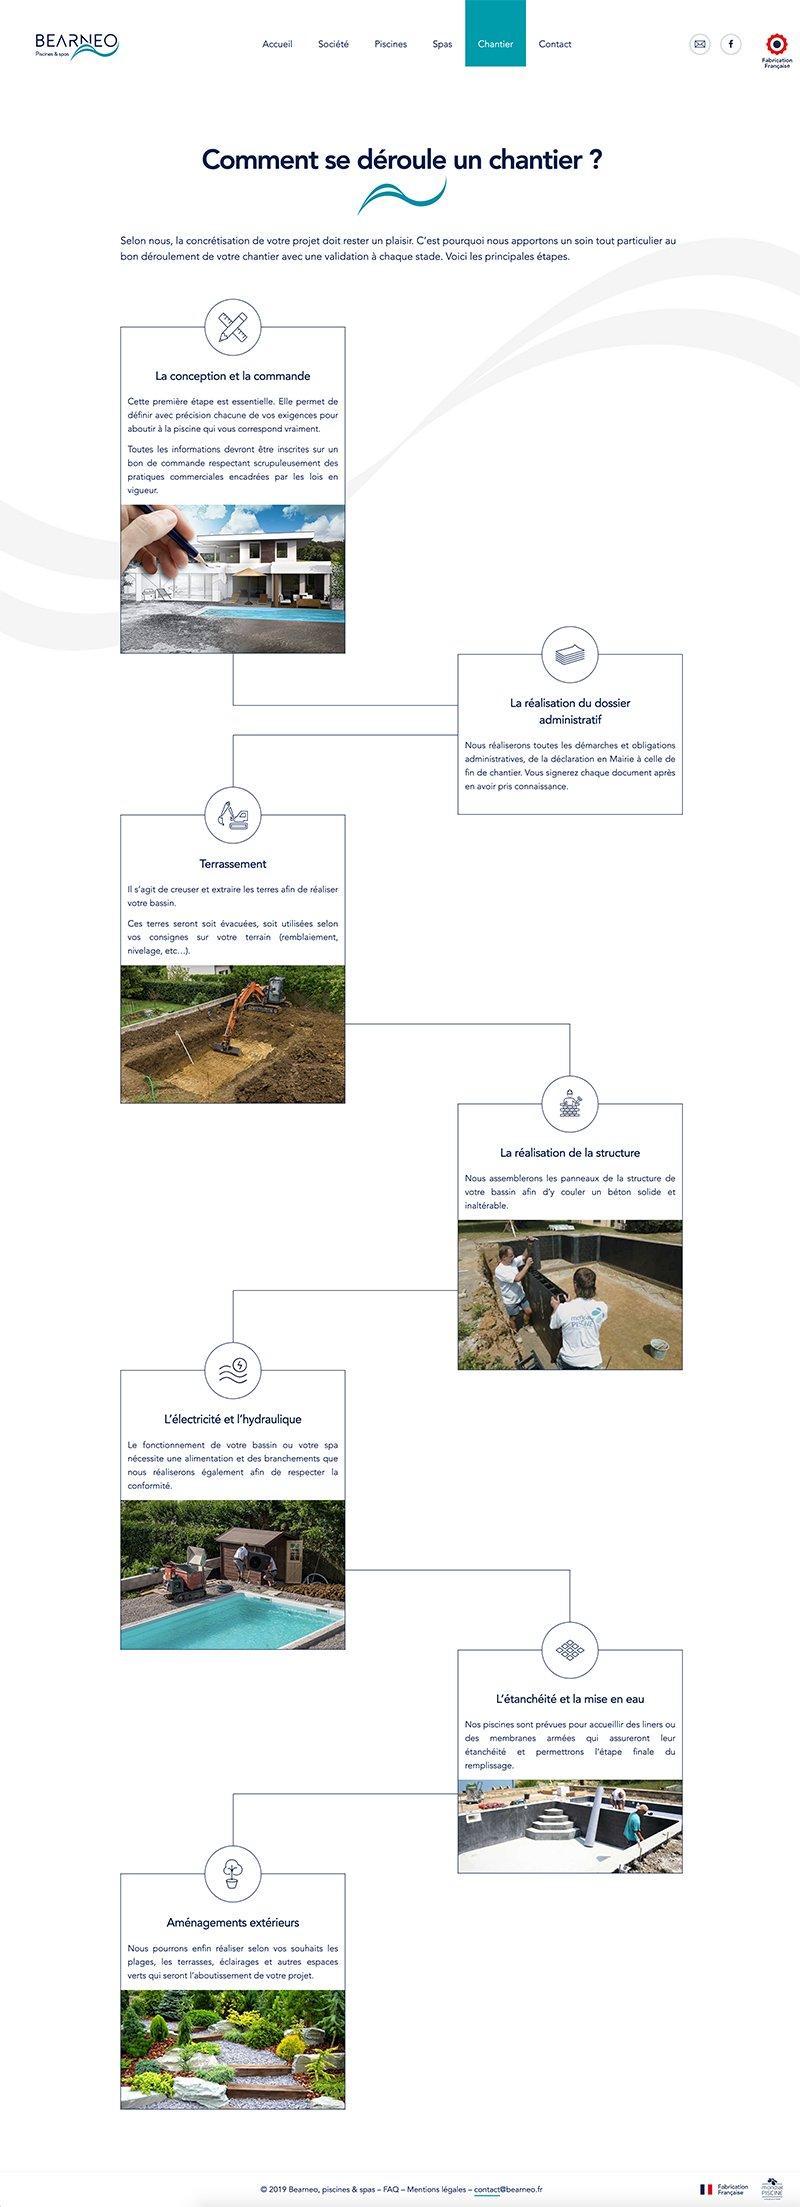 Capture d'écran de la page chantier